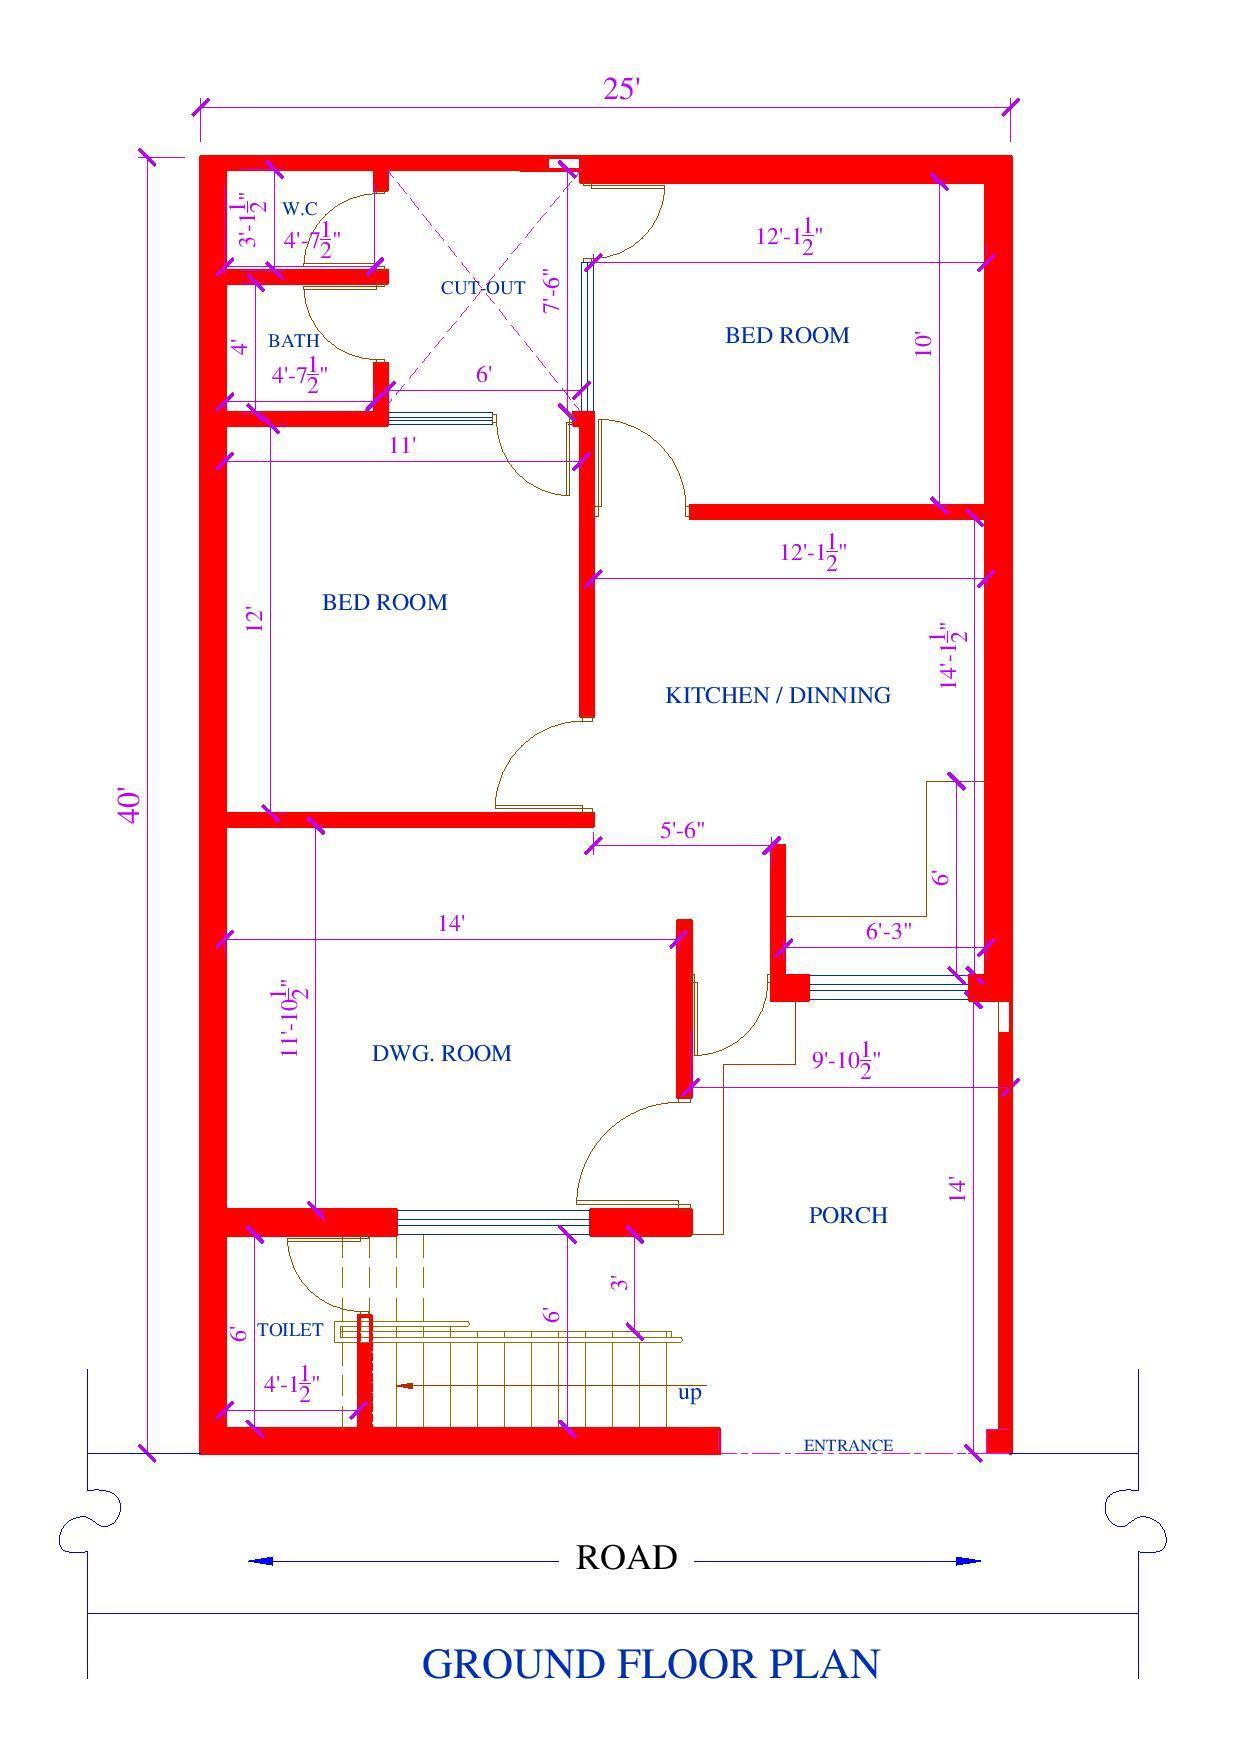 25 by 40 feet 2bk house plan